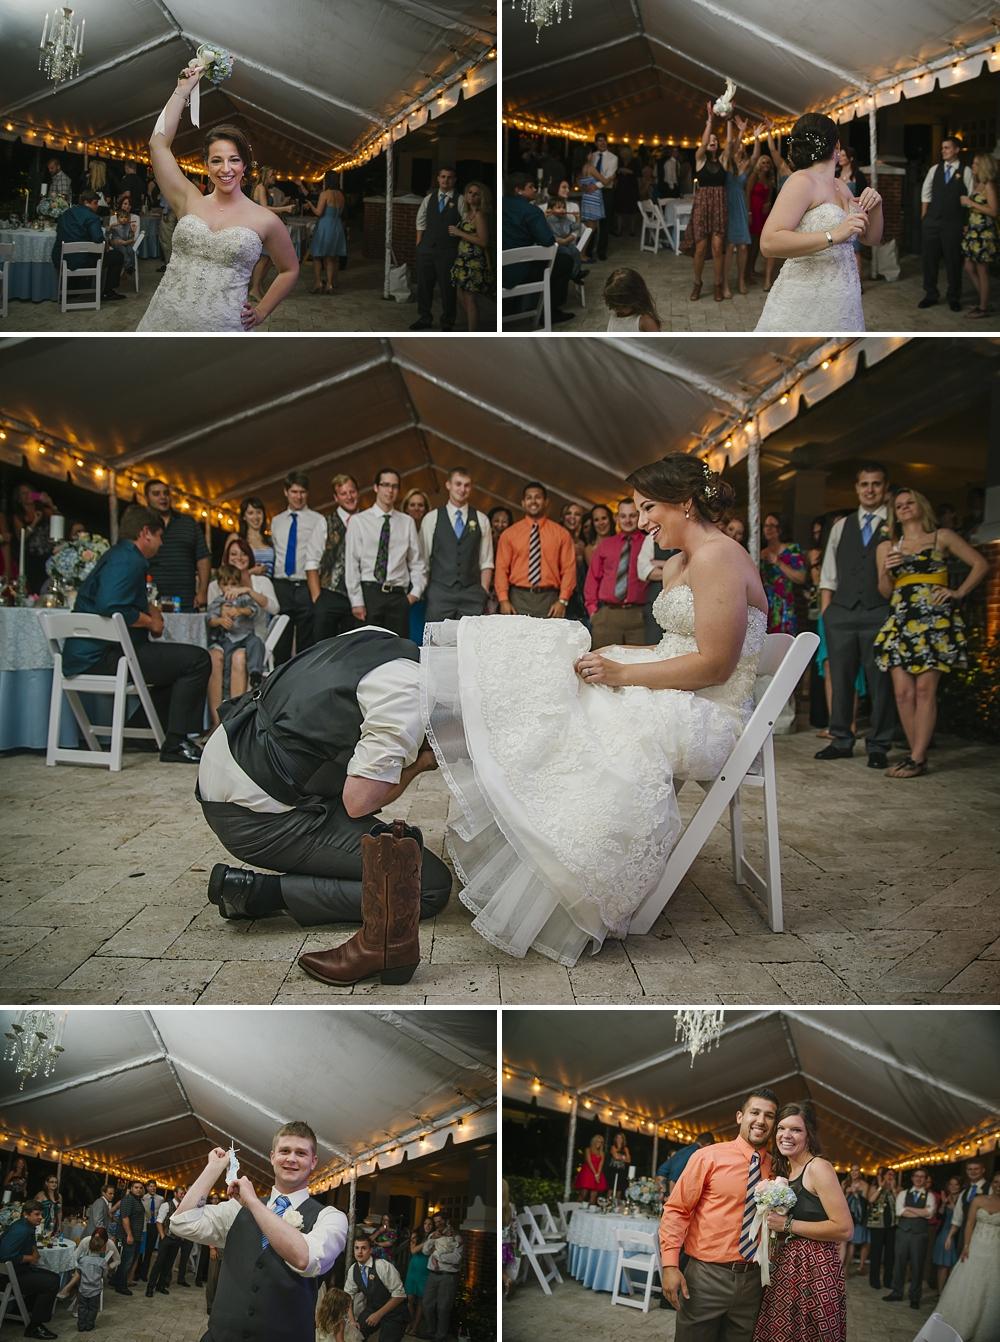 garter and bouquet toss palmetto riverside B&B wedding photos